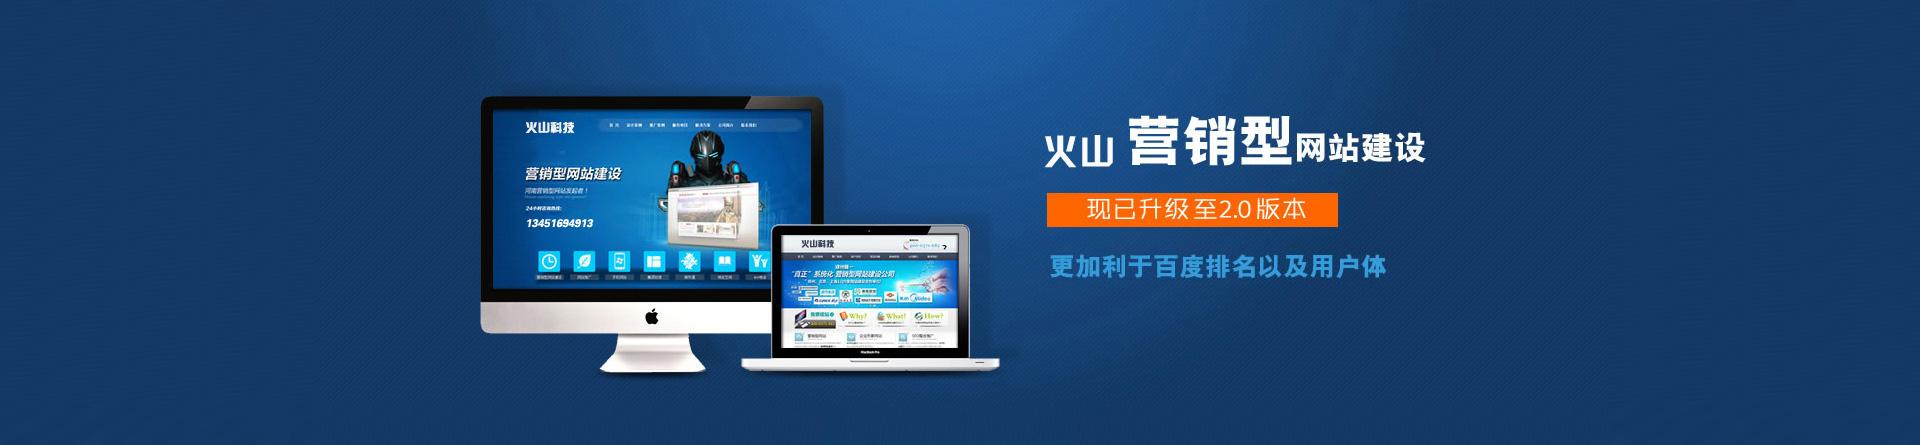 昆山网站建设公司